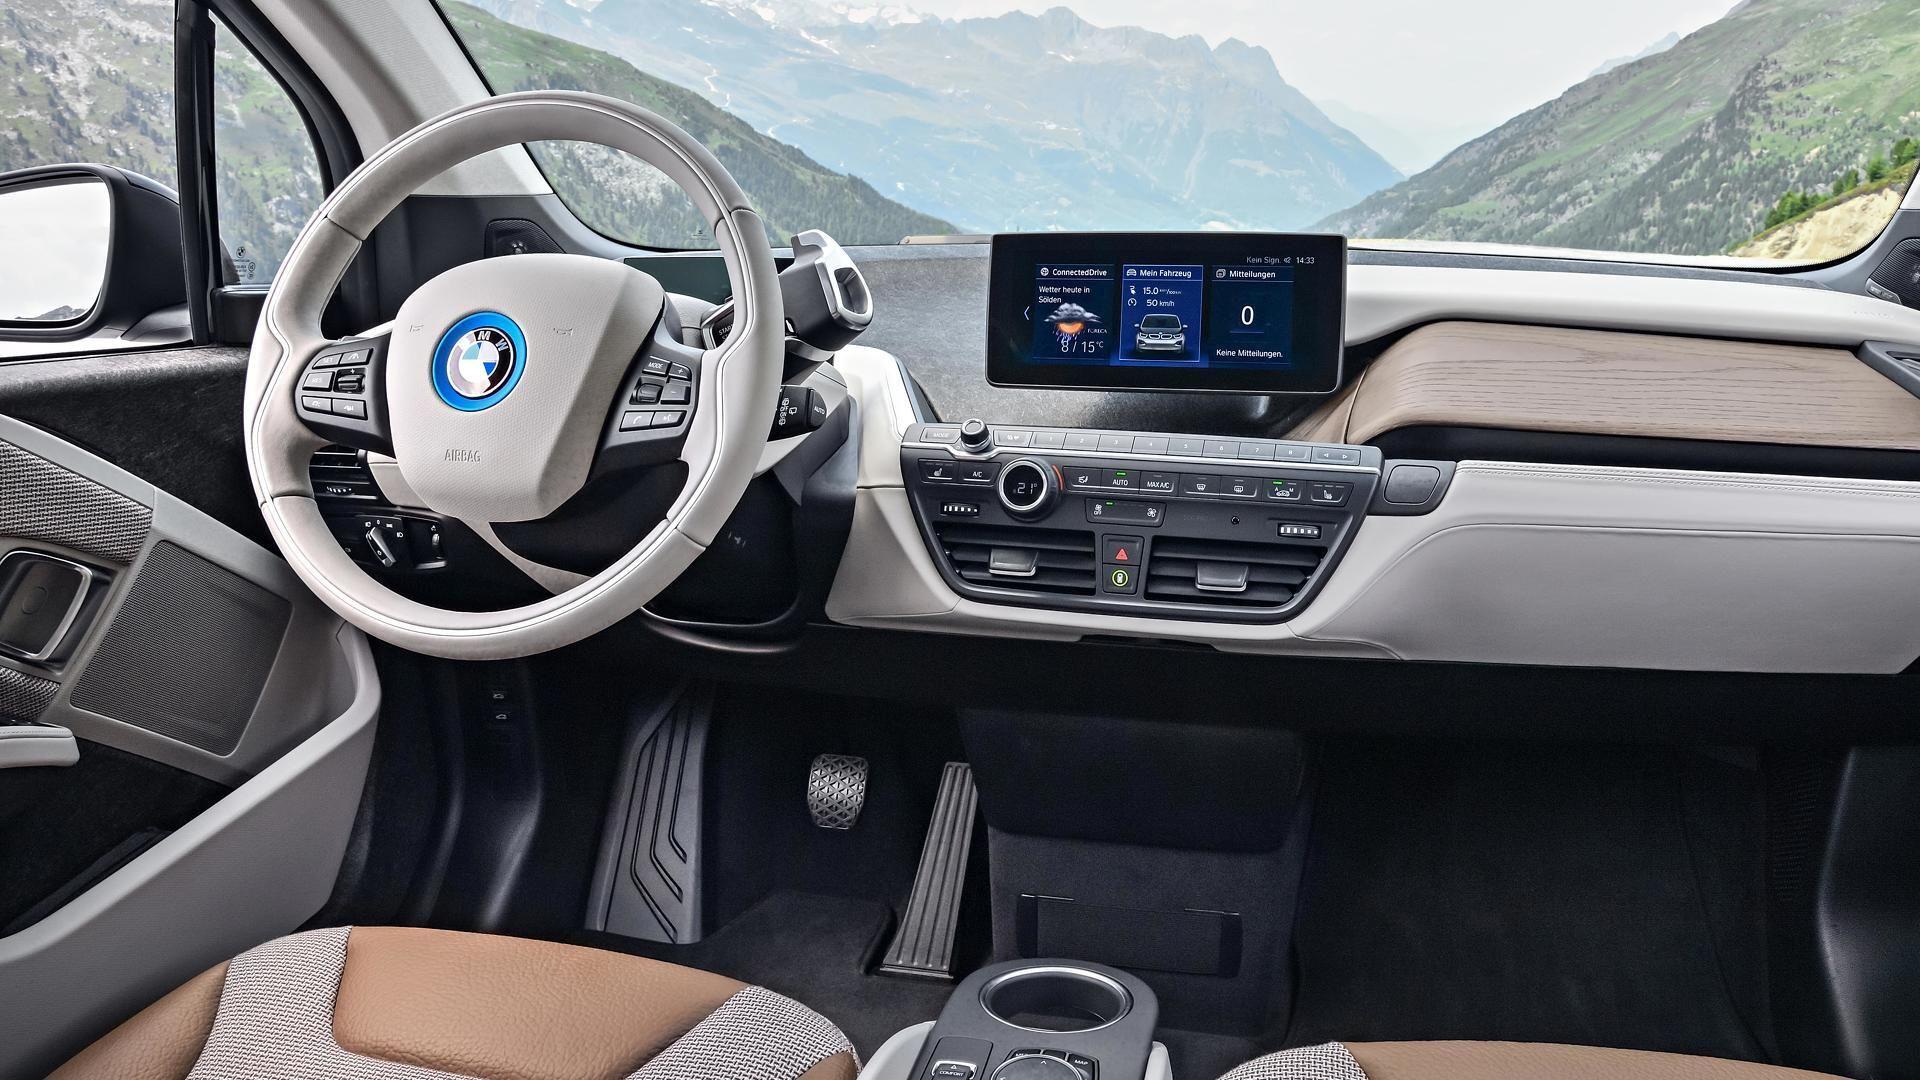 تولید اسپرت ترین خودرو BMW به زودی پایان می یابد